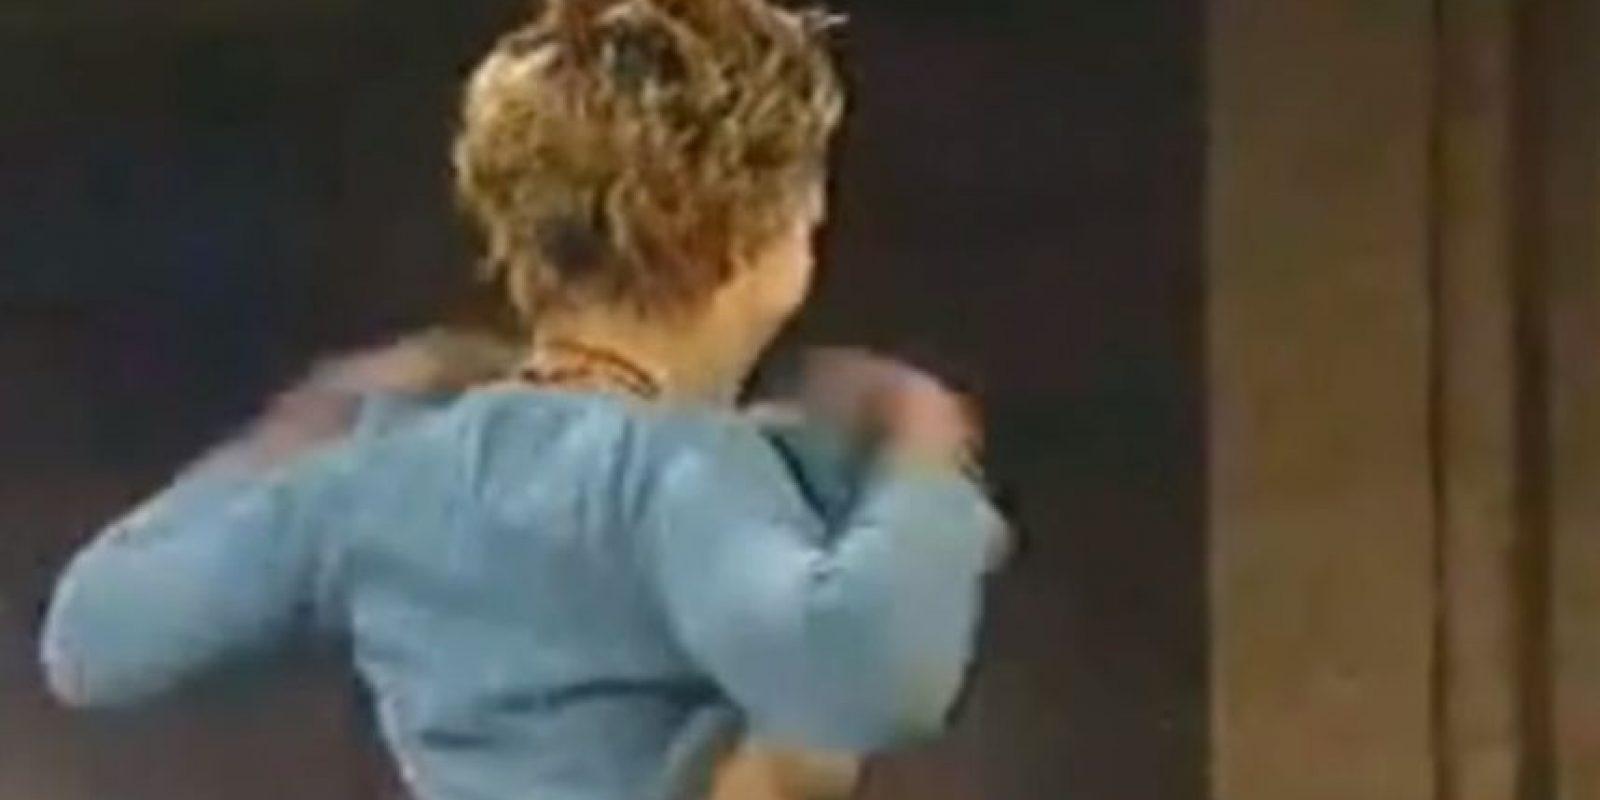 14. Drew Barrymore bailando sobre la mesa para David Letterman Foto:YouTube Yaxez